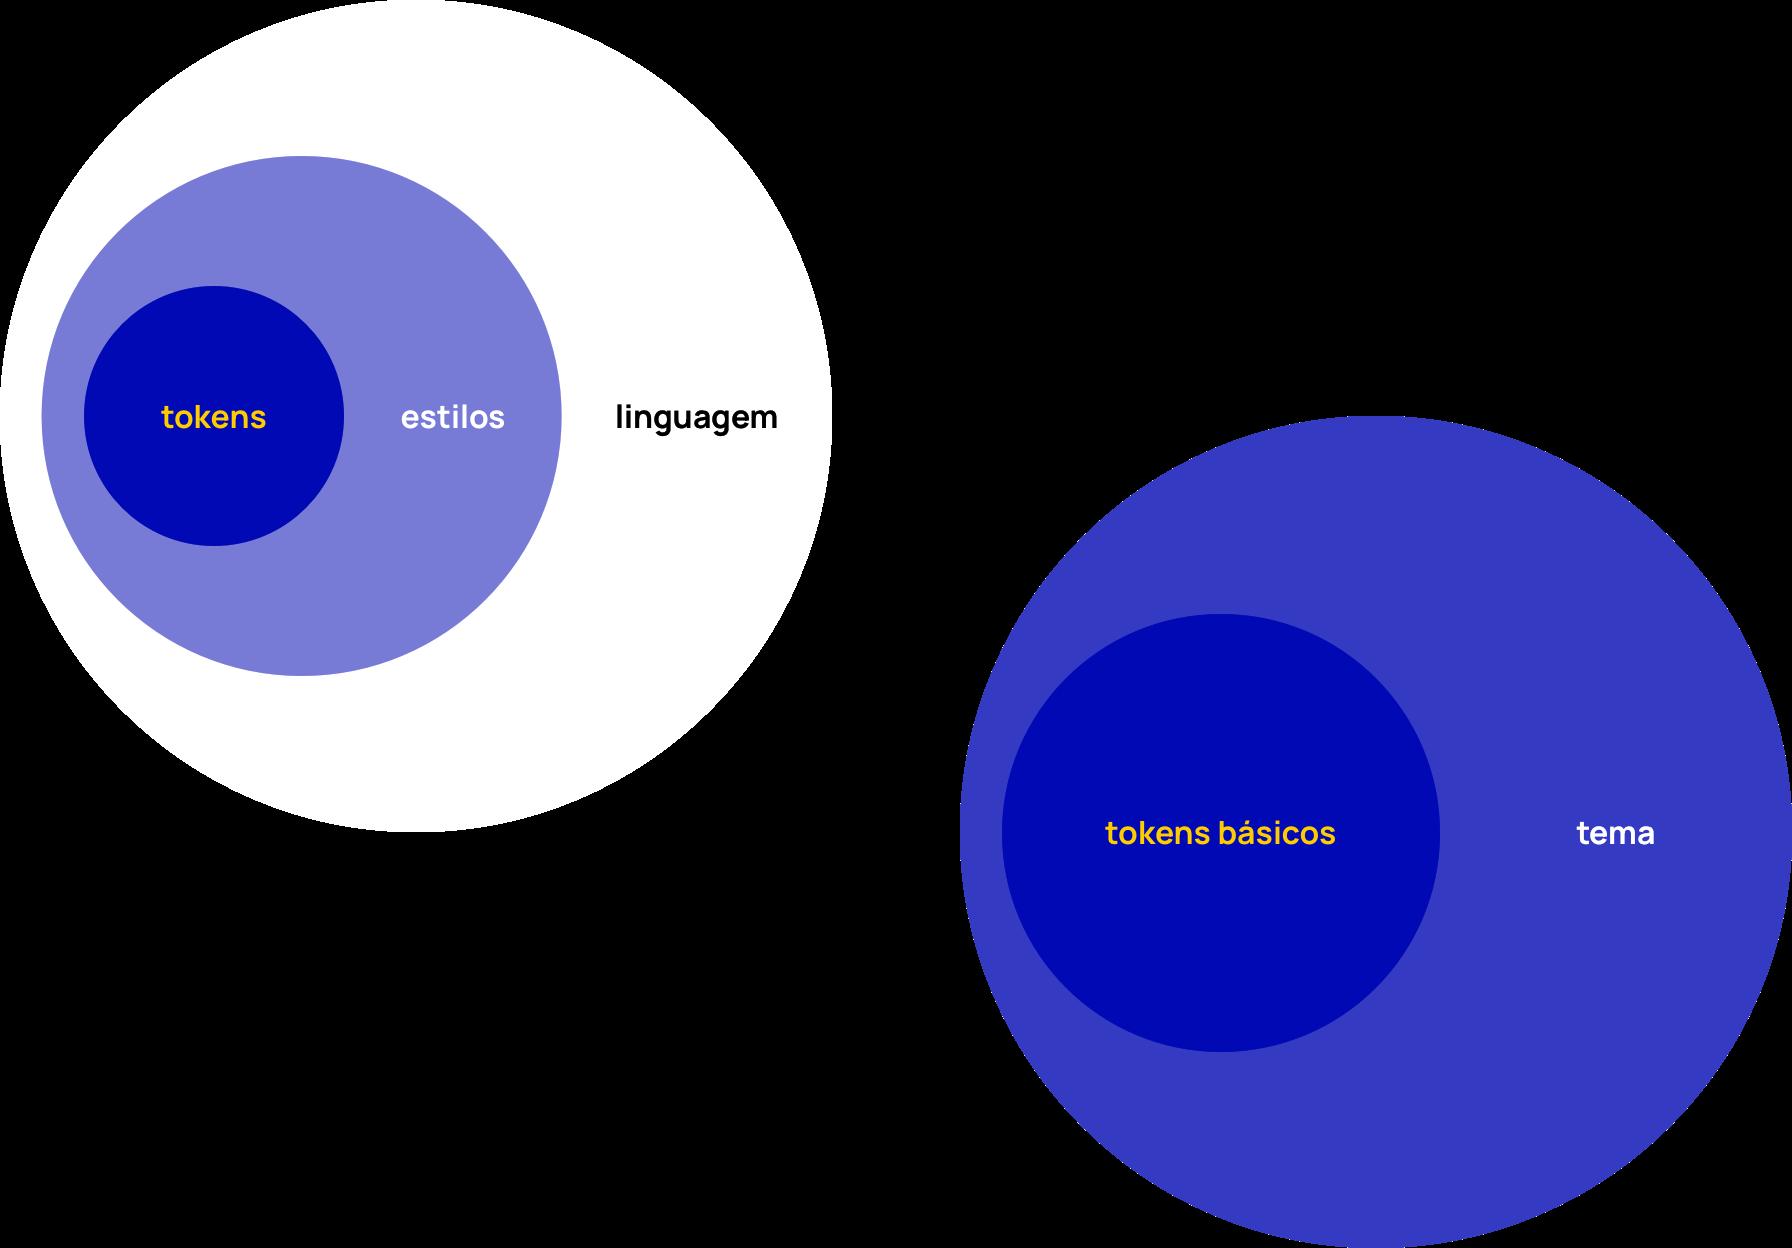 Dois diagramas de camadas. No primeiro de dentro pra fora: tokens, estilos e linguagem / No segundo: tokens básicos e tema